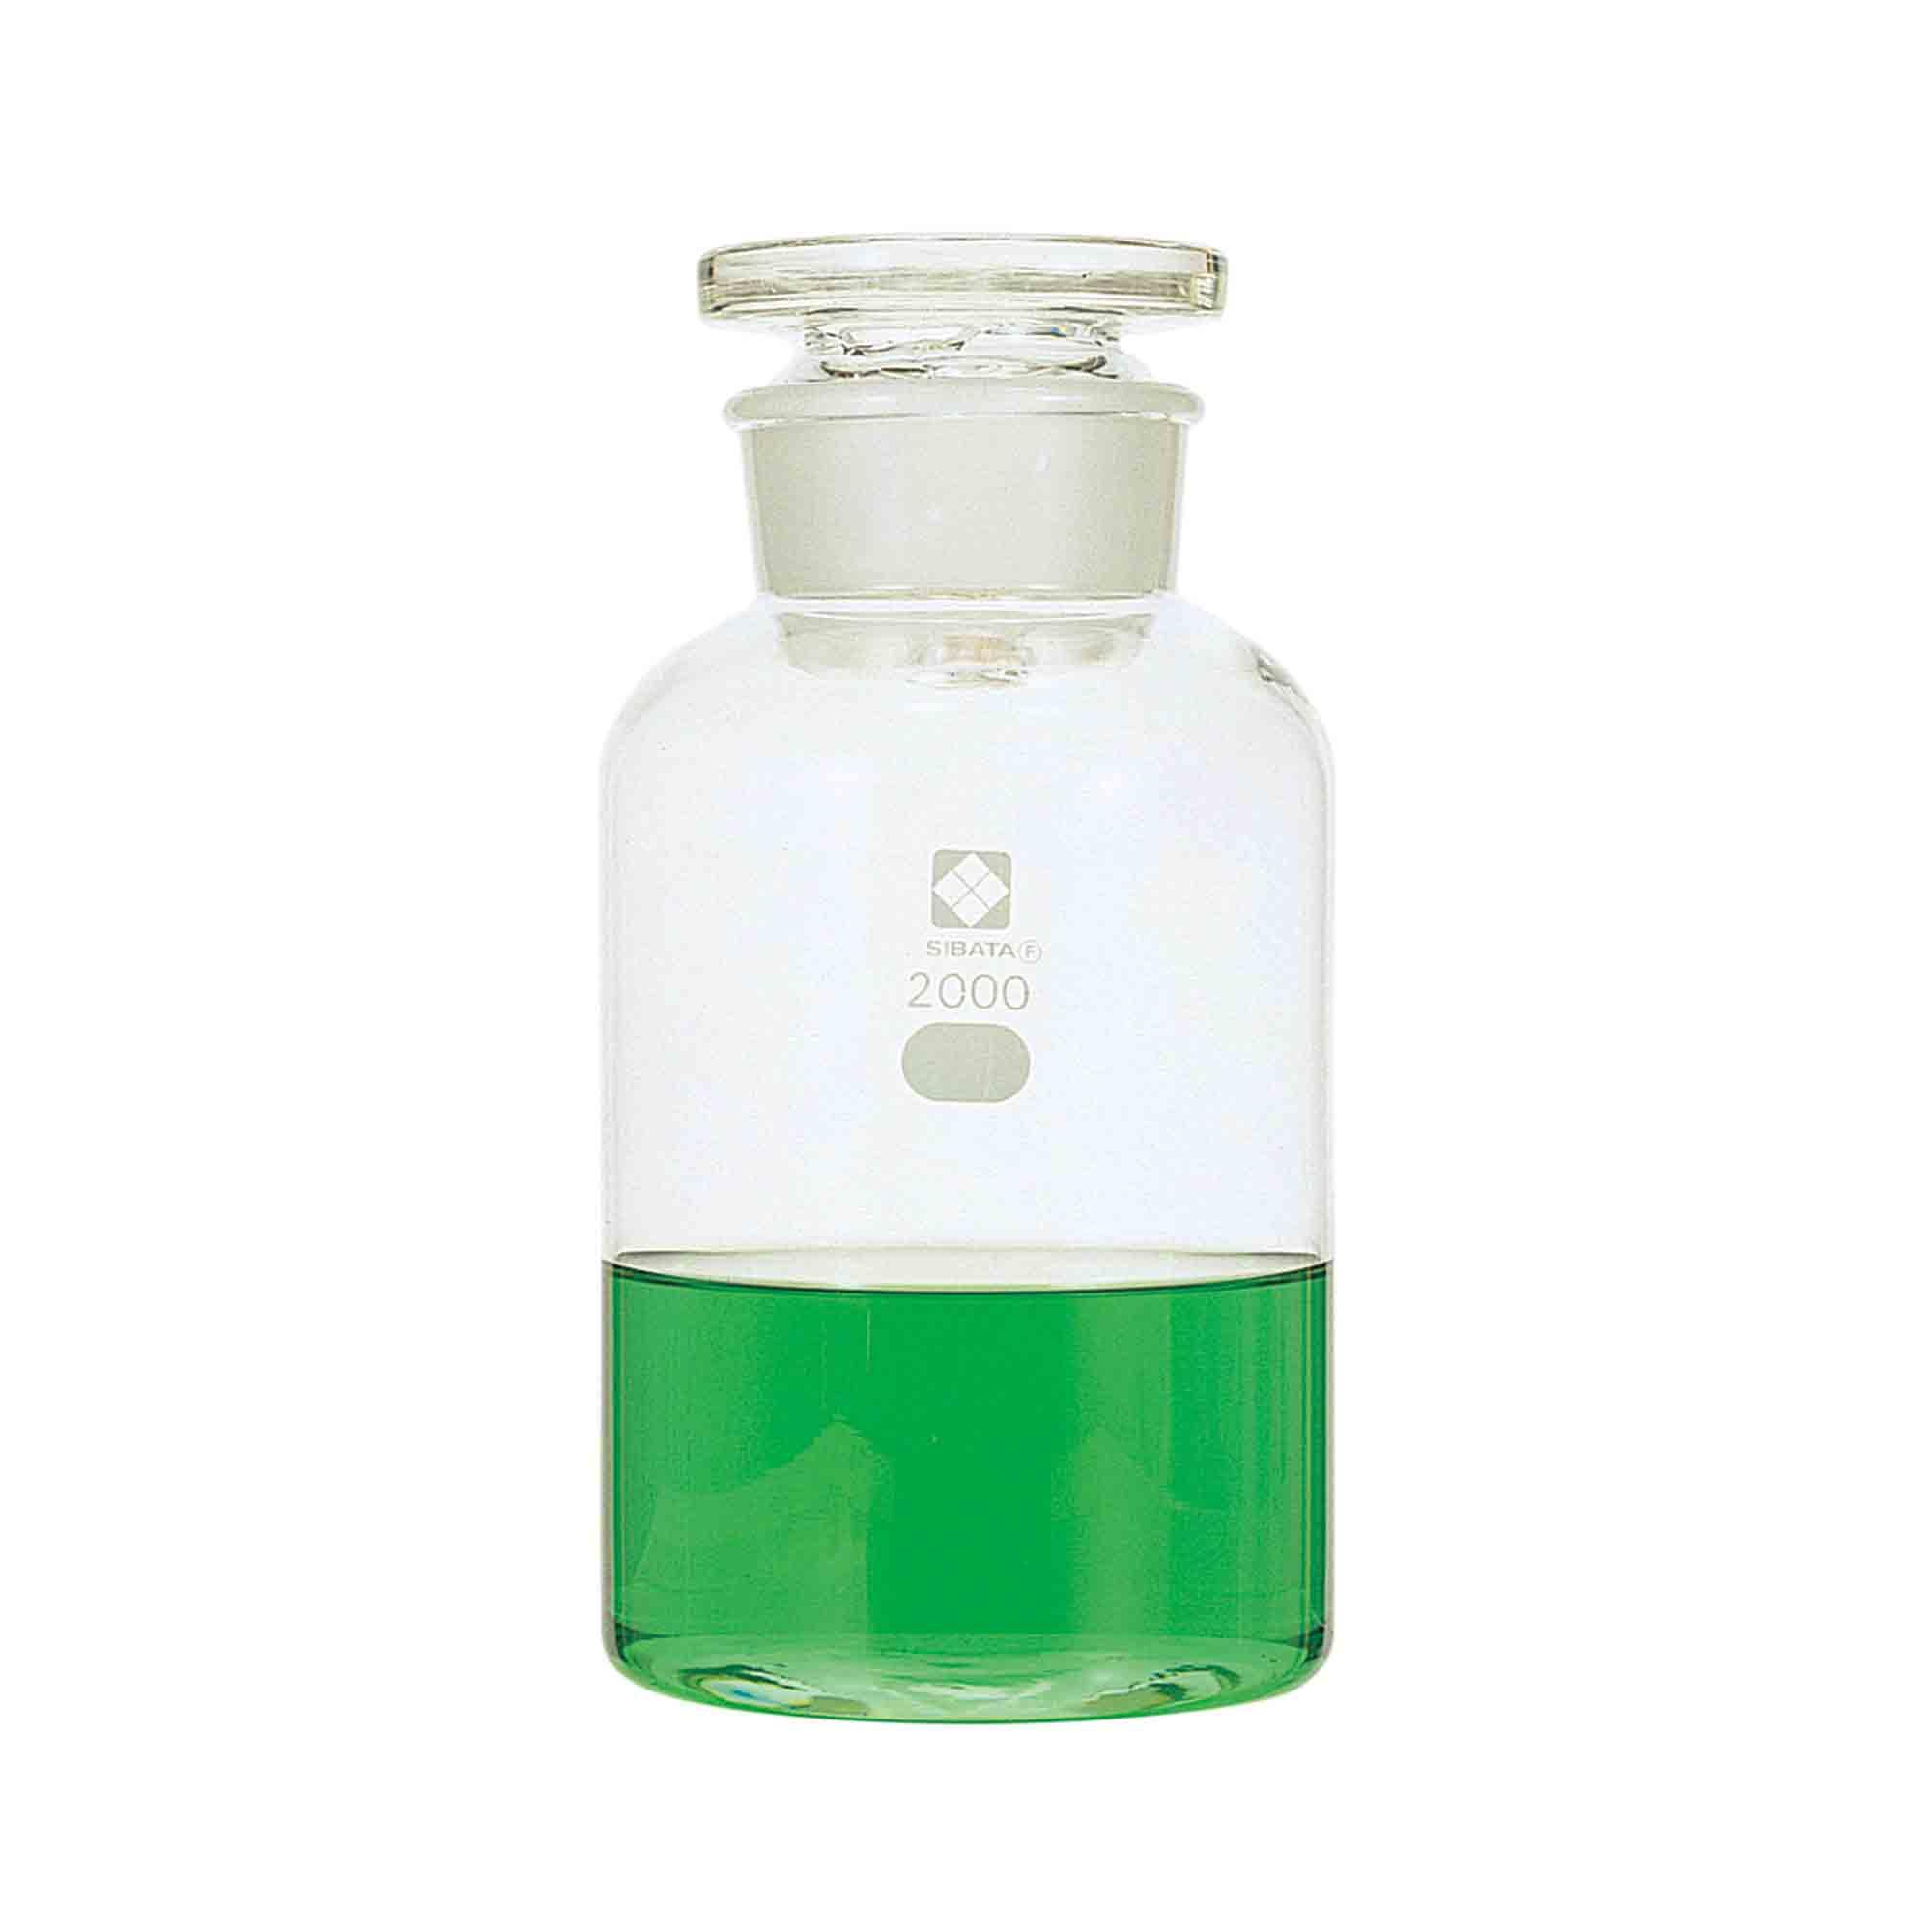 広口試薬びん 透明 250mL(10個)